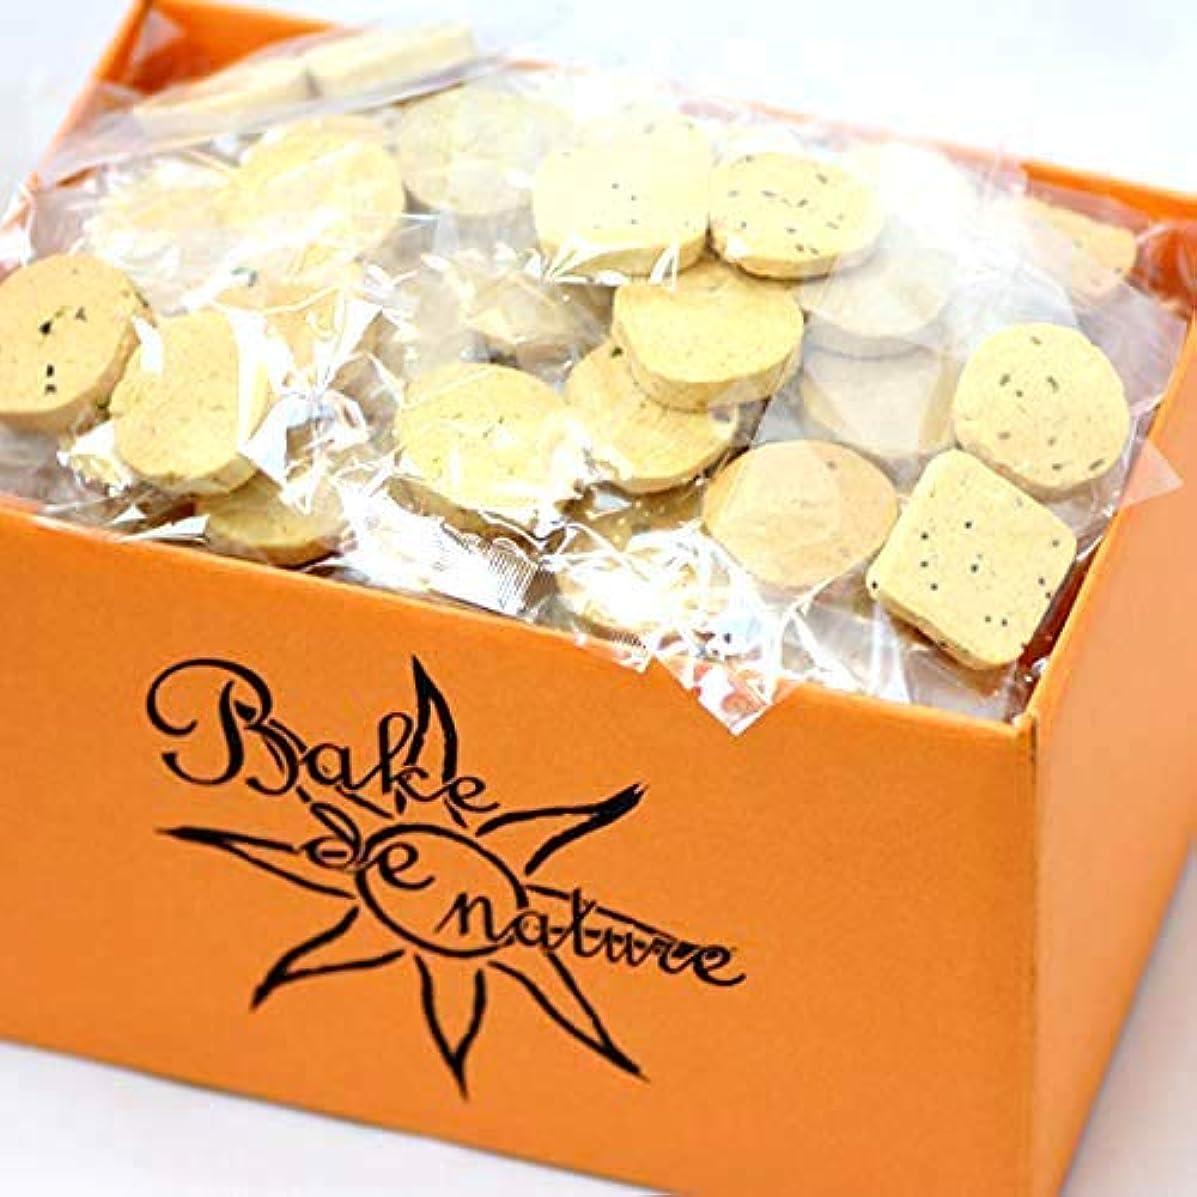 欠陥ペナルティふざけたスーパーフード豆乳おからクッキー (10種類MIX) 1袋 1kg (個包装) 小麦粉不使用のダイエットクッキー